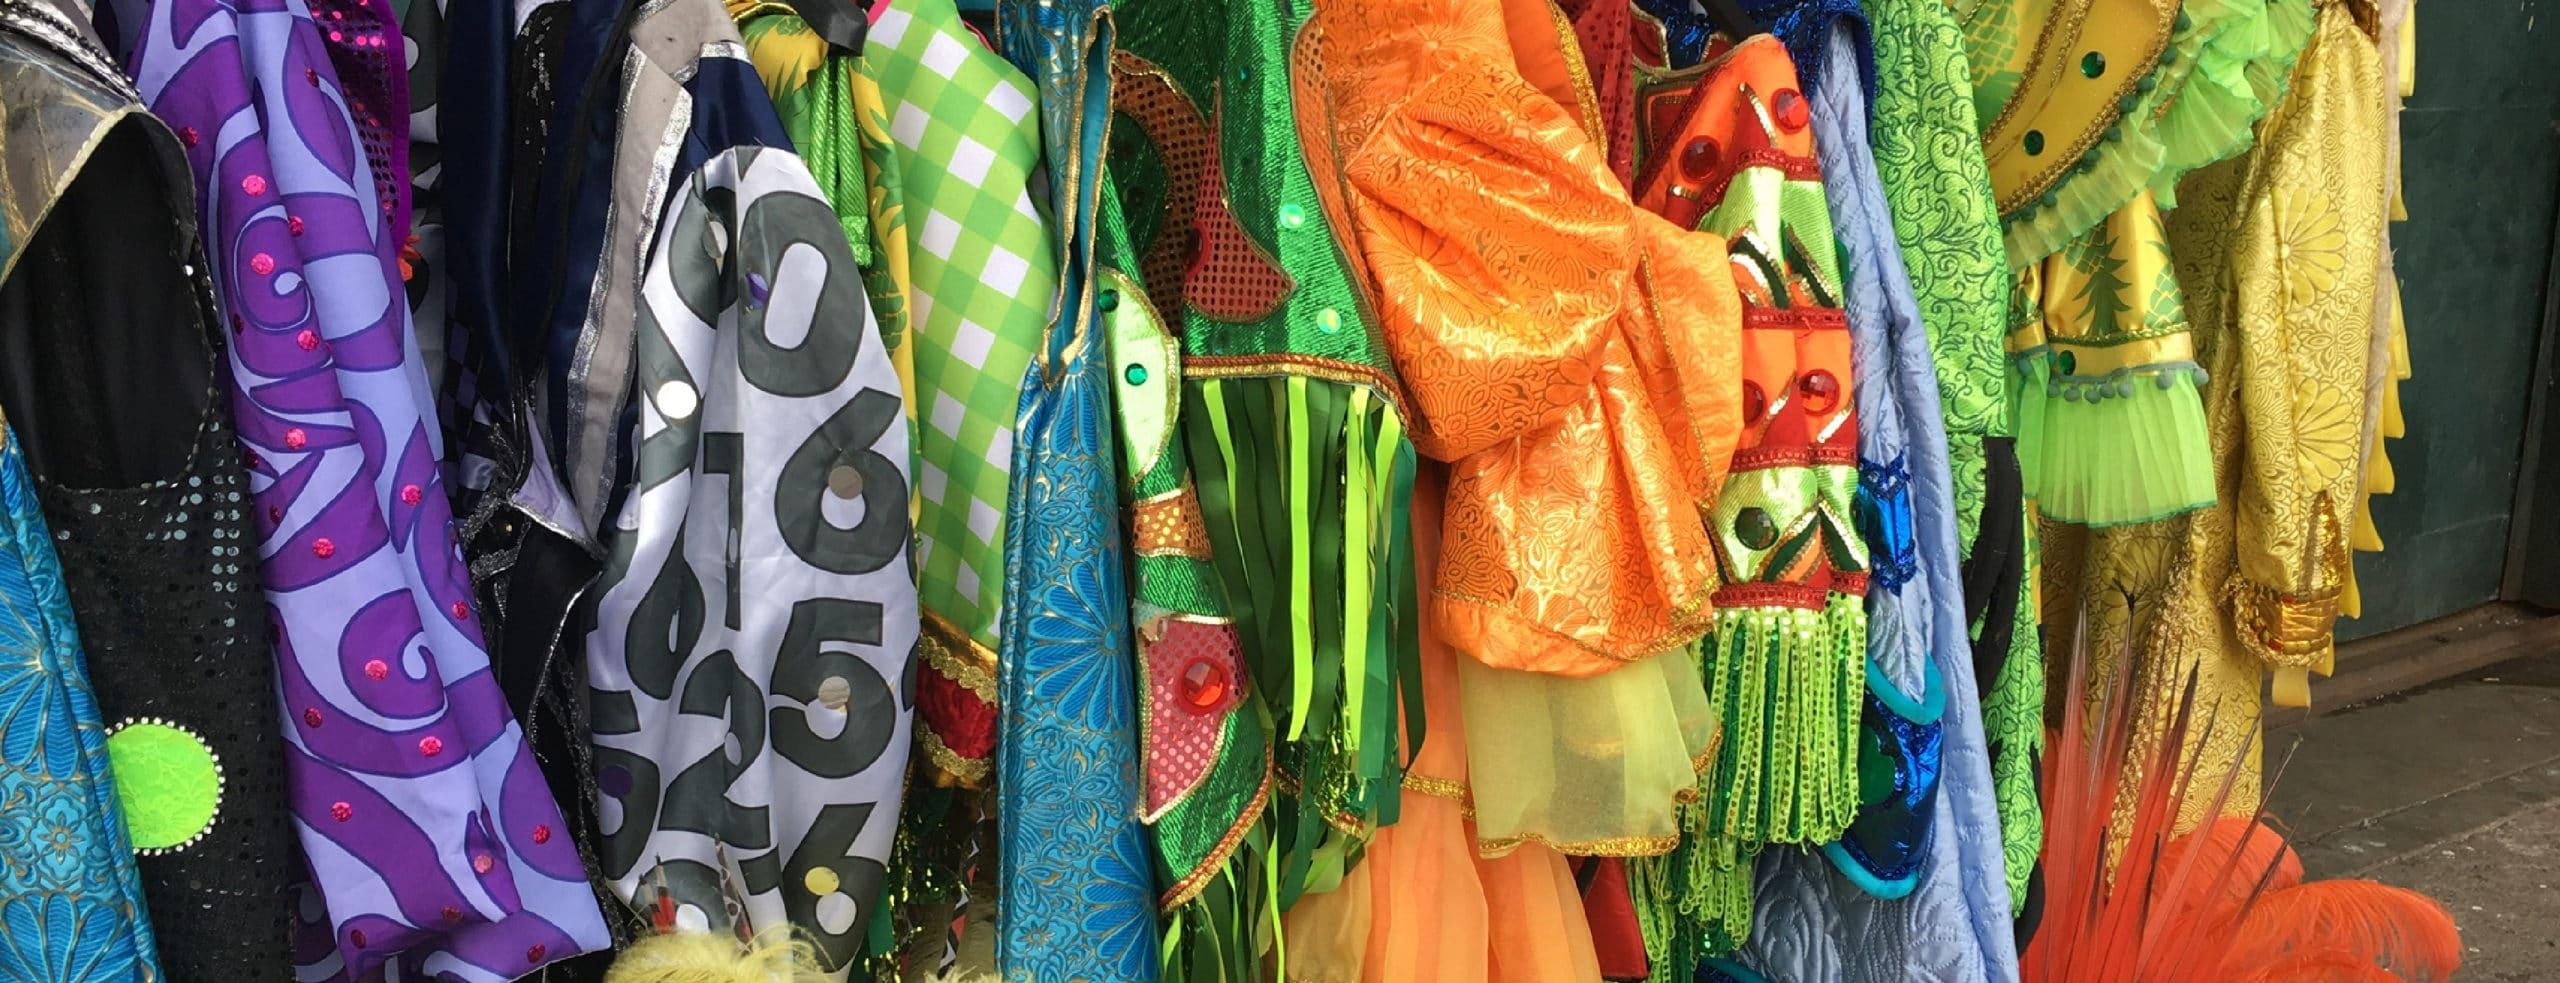 The Carnival in Brazil. Visit the Sambodromo in Rio de Janeiro - RipioTurismo DMC for Brazil